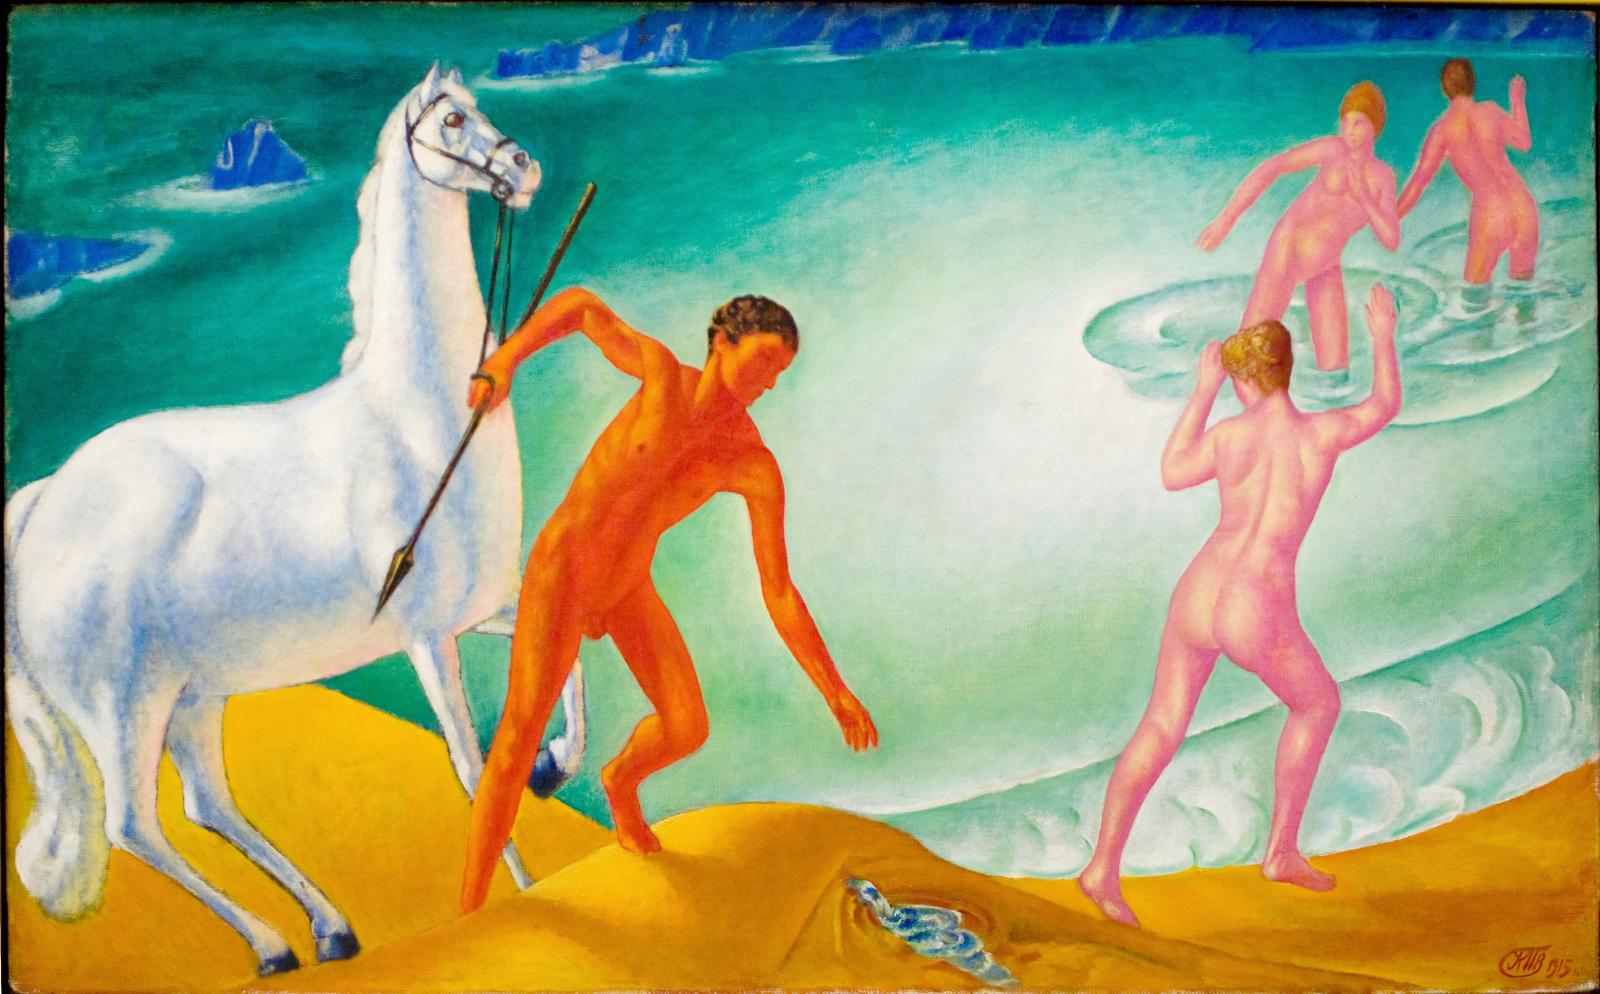 Кузьма Сергеевич Петров-Водкин «Жаждущий воин» (1915)